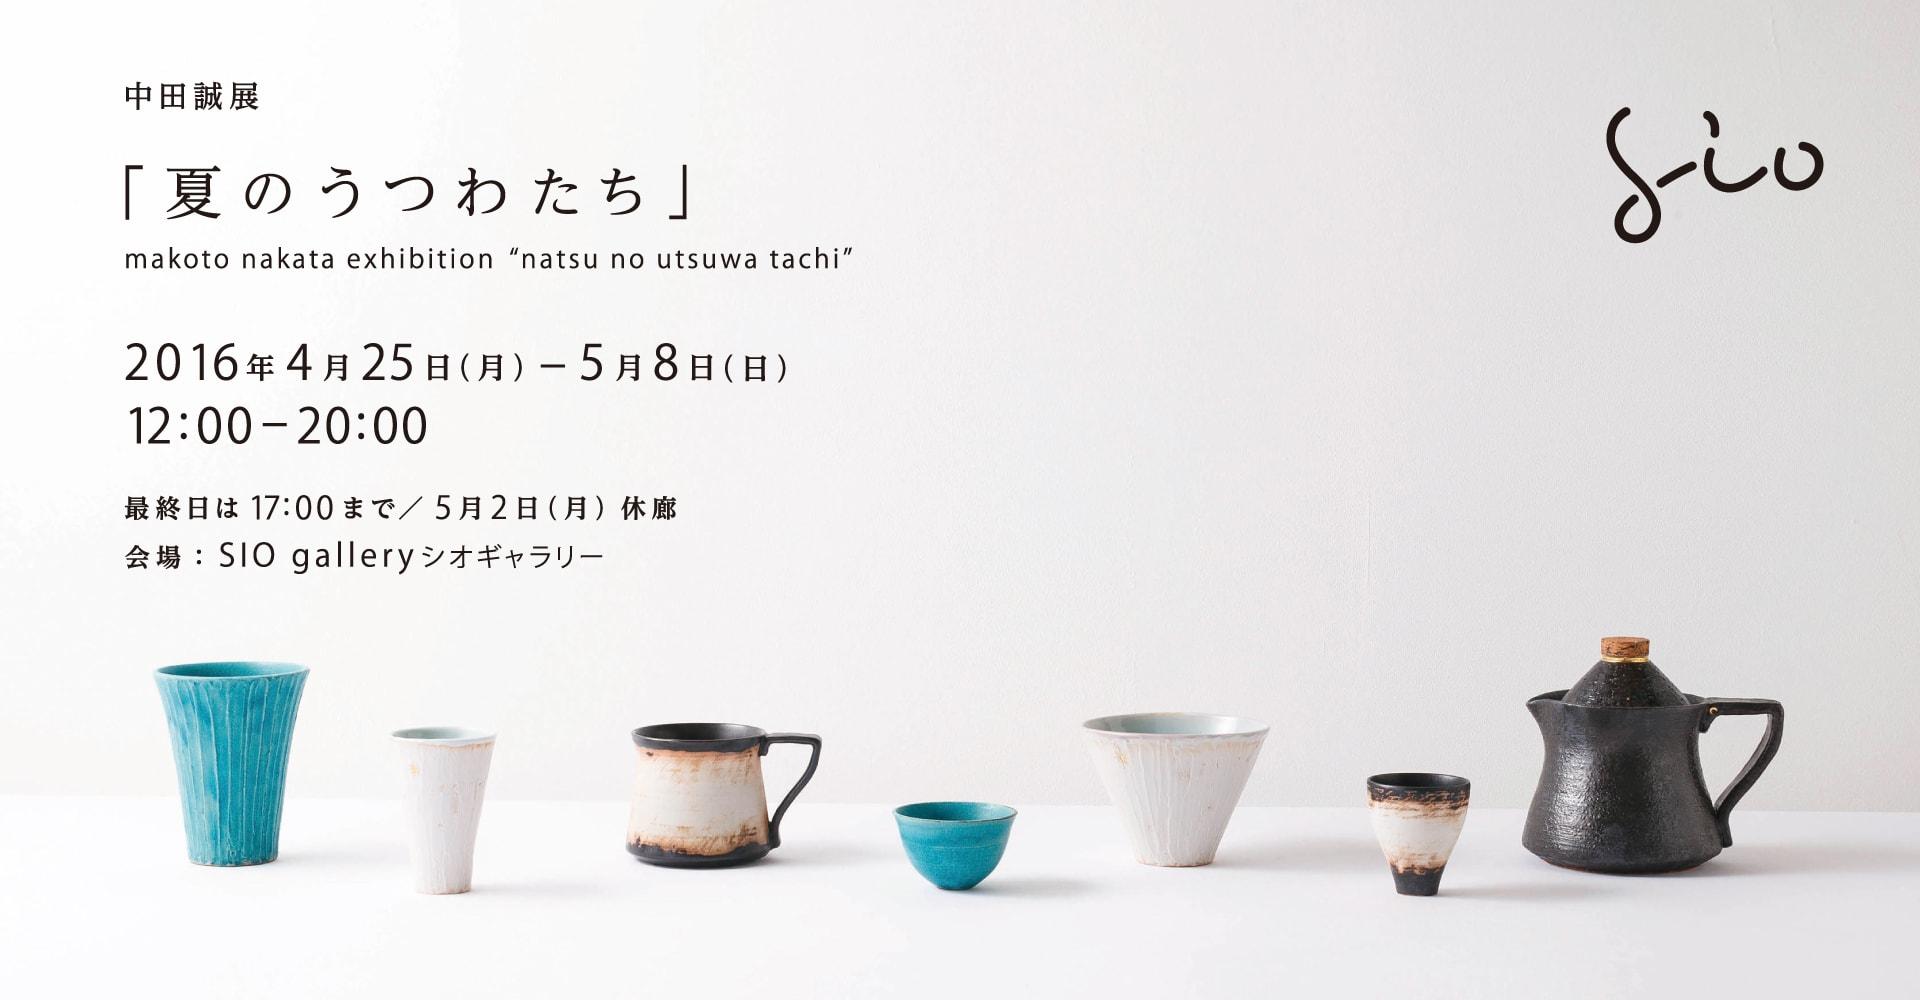 中田誠展『夏のうつわたち』出張喫茶のお知らせ(5月8日(日))